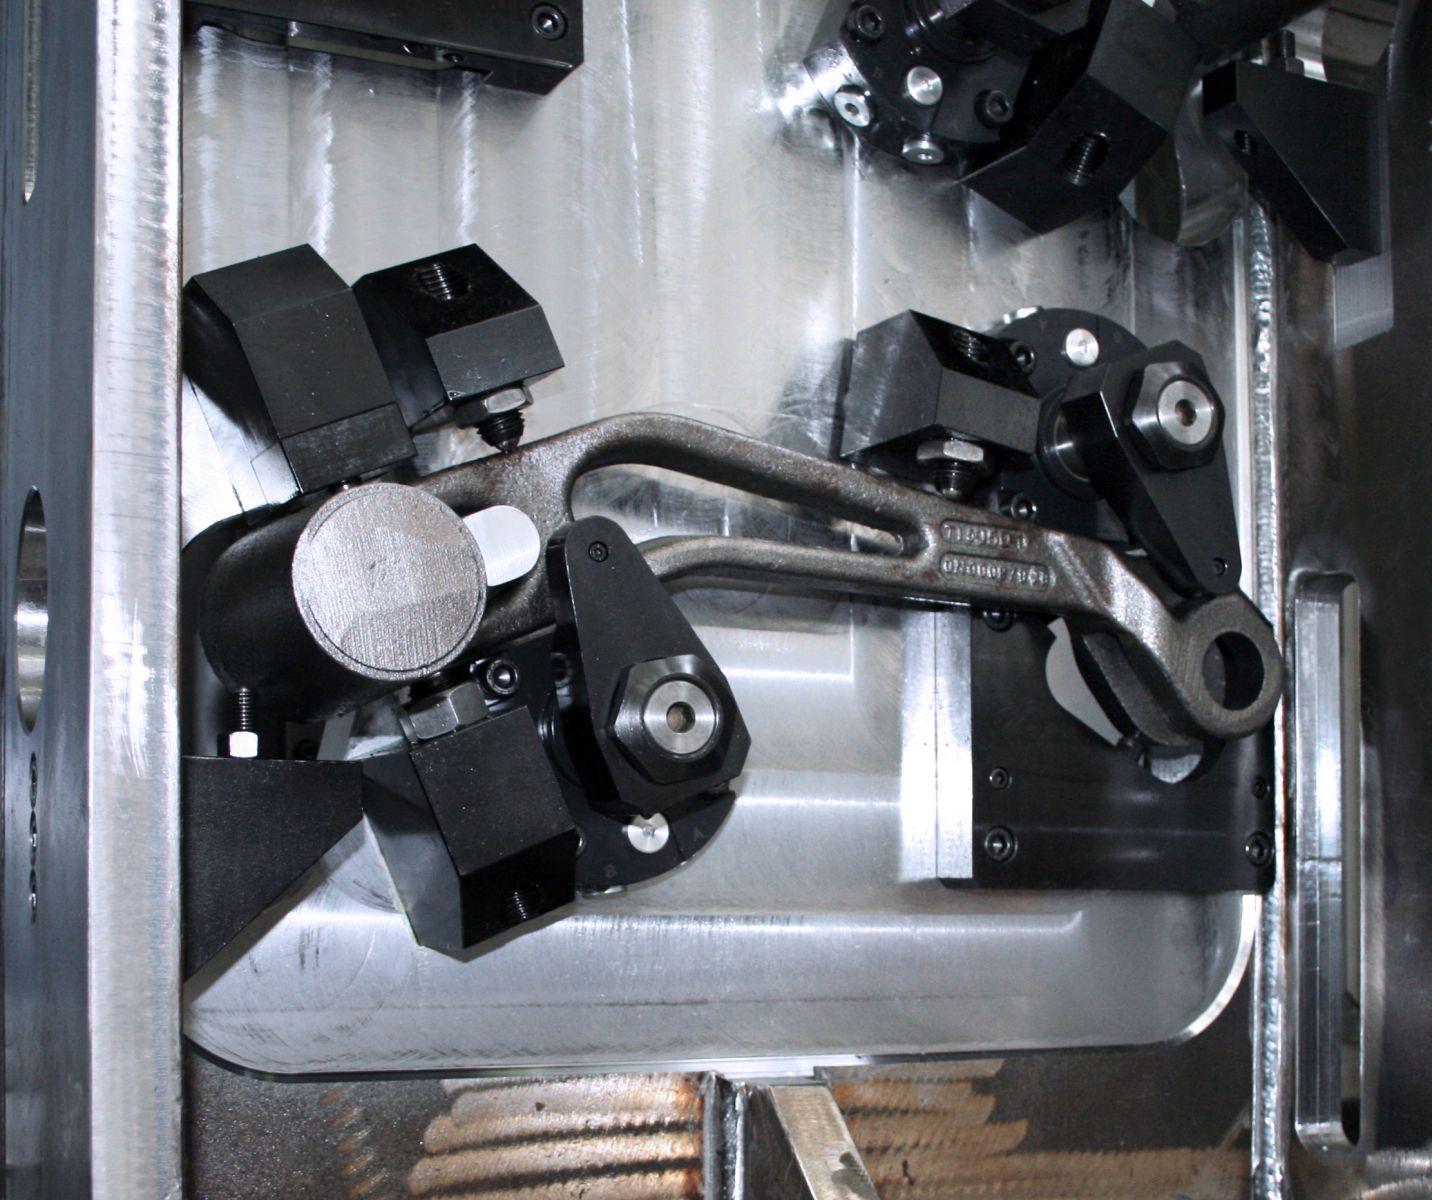 Emil Macchine Utensili Attrezzatura serraggio